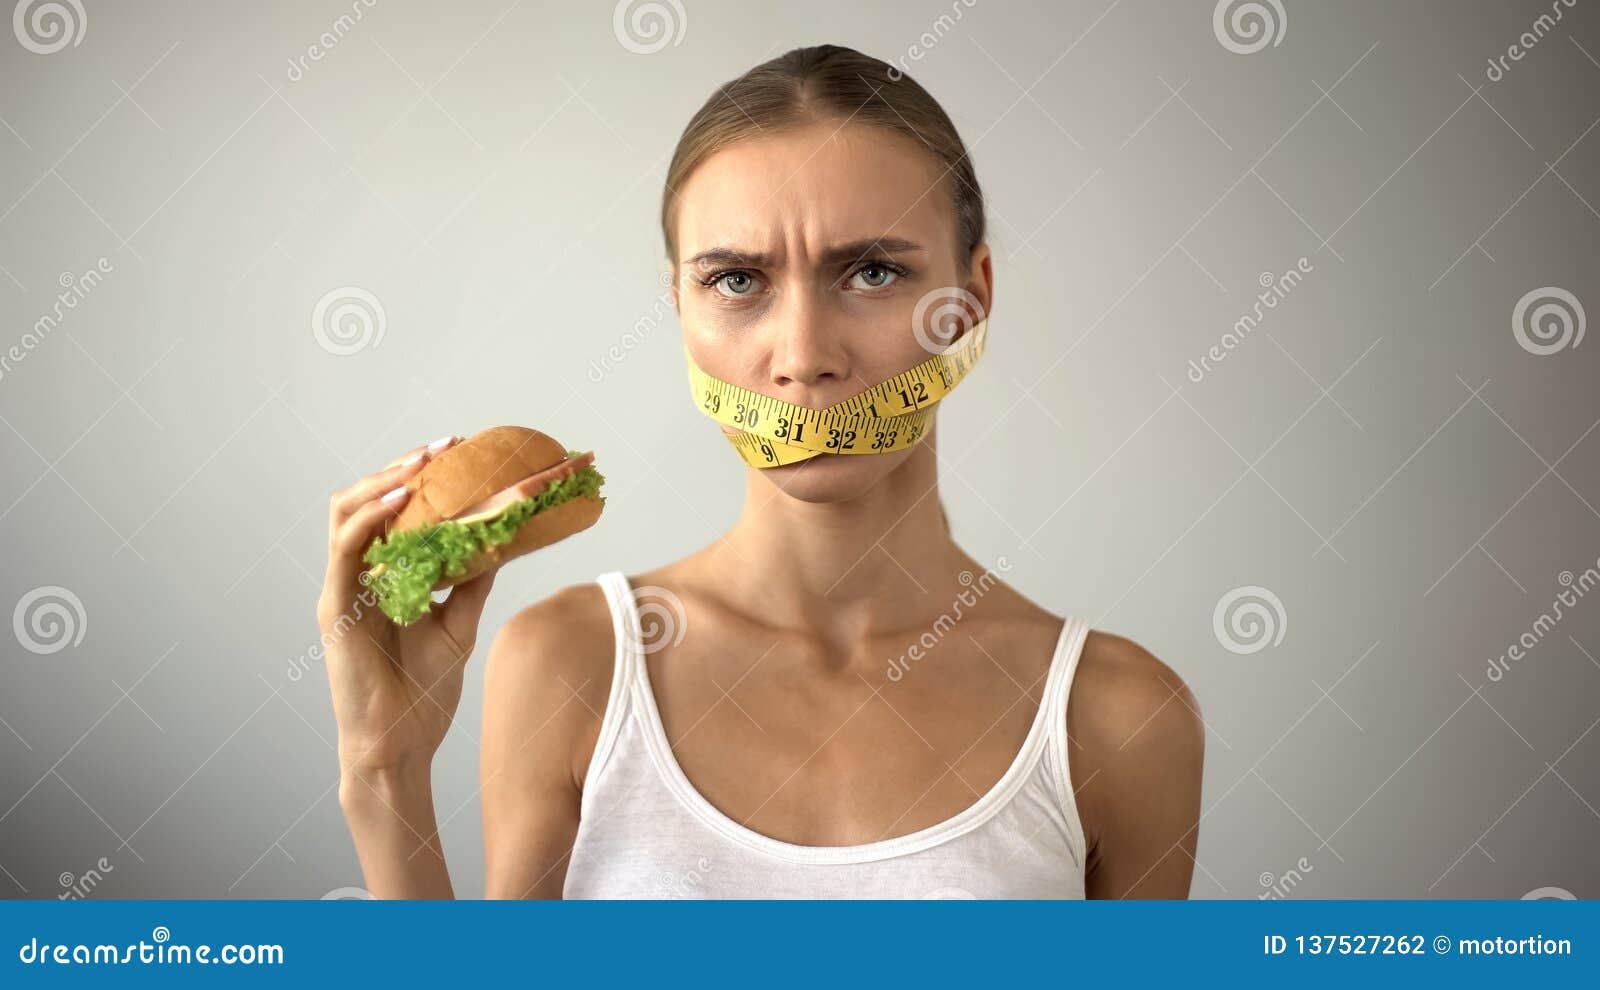 Szczupła dziewczyna z nagrywającym usta walczy z kuszeniem jeść hamburger, dieting